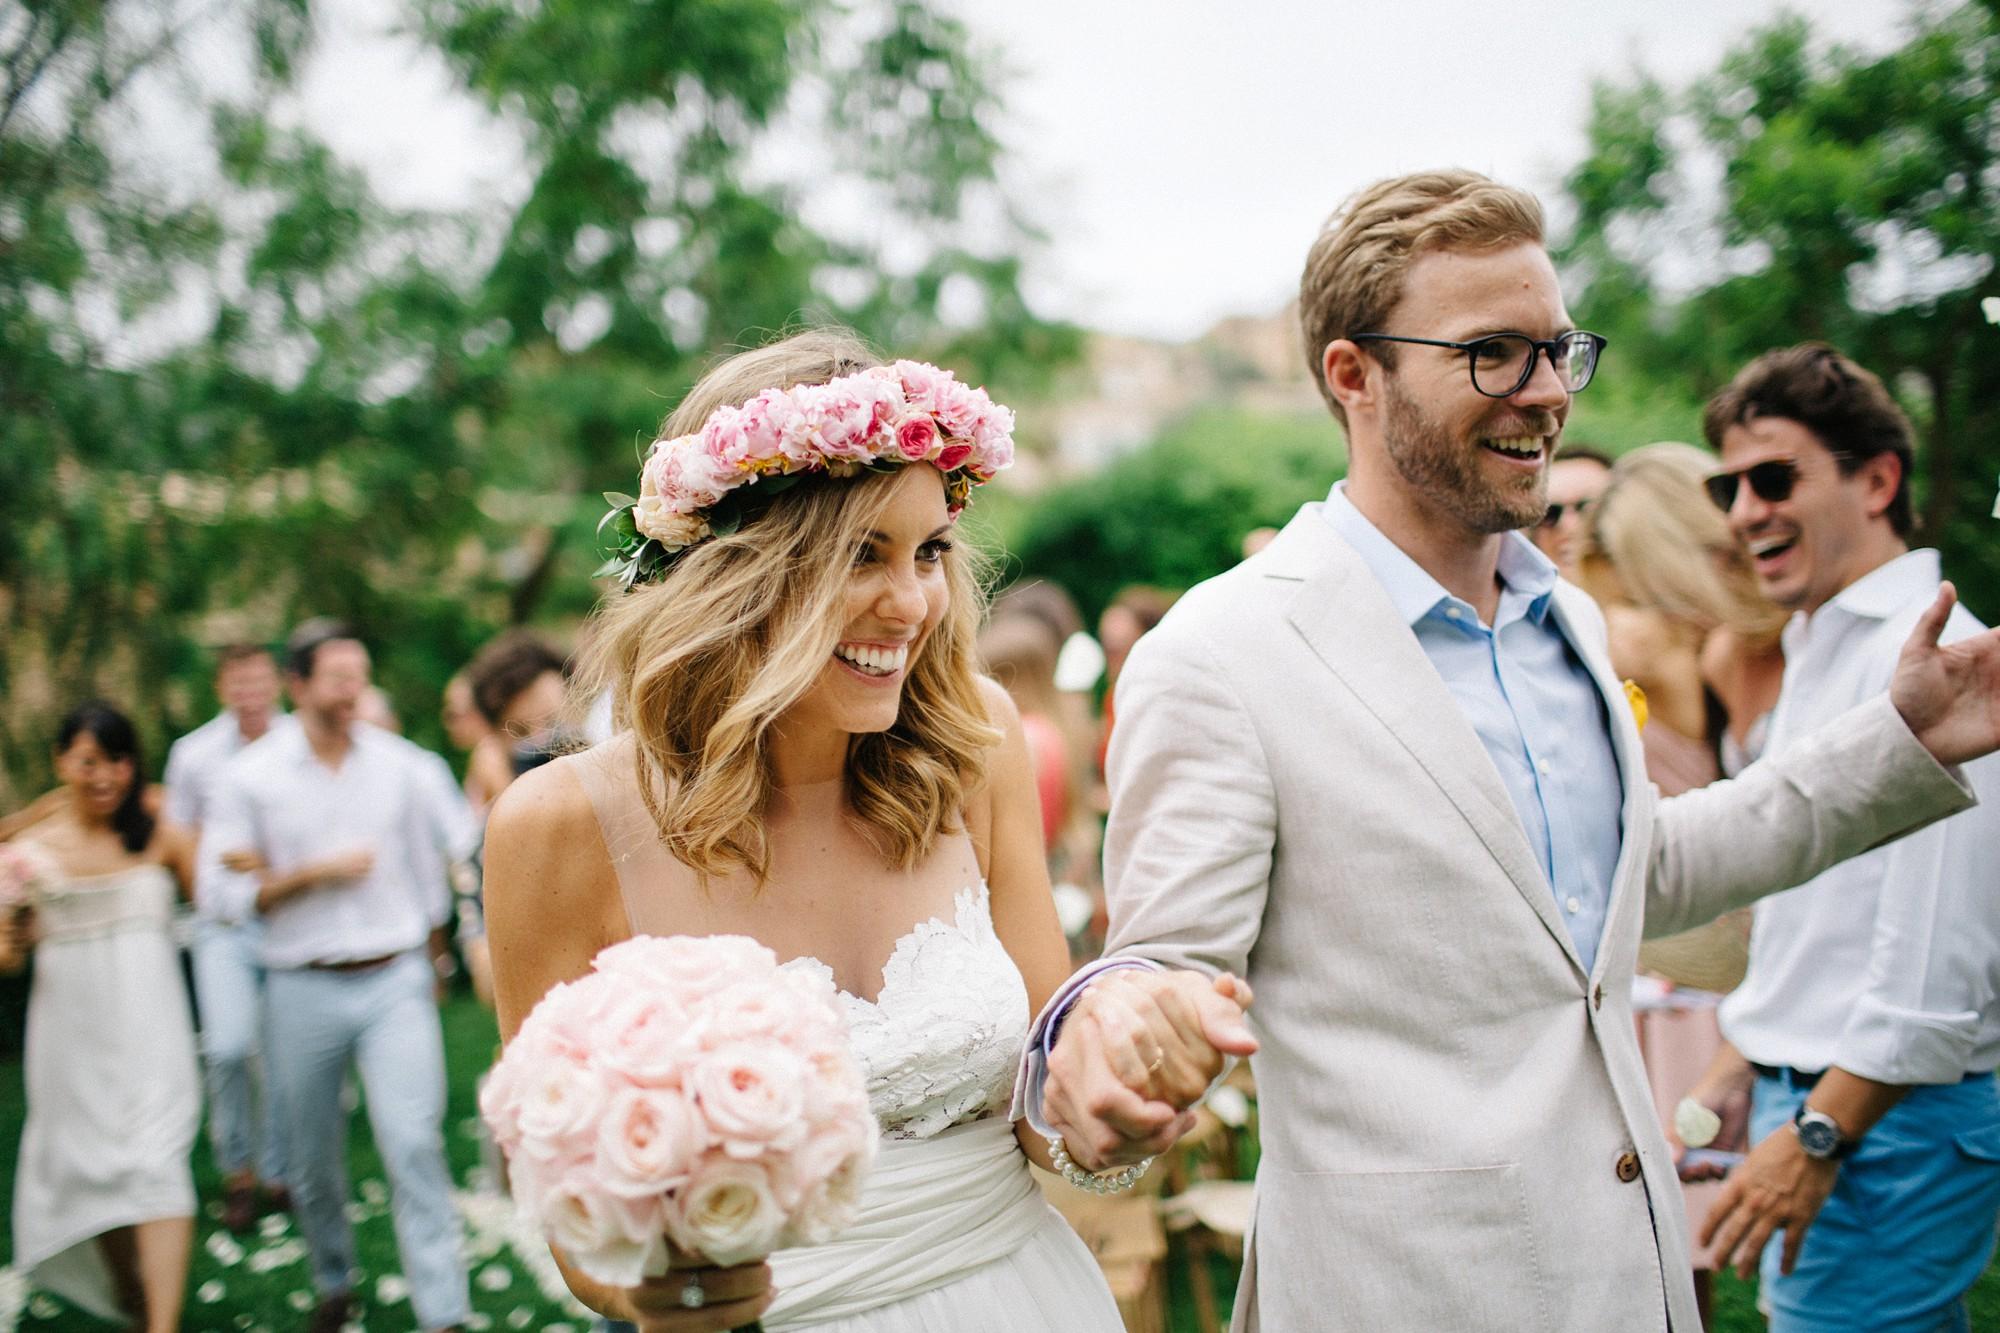 fotografos de boda en valencia barcelona mallorca wedding photographer097.jpg